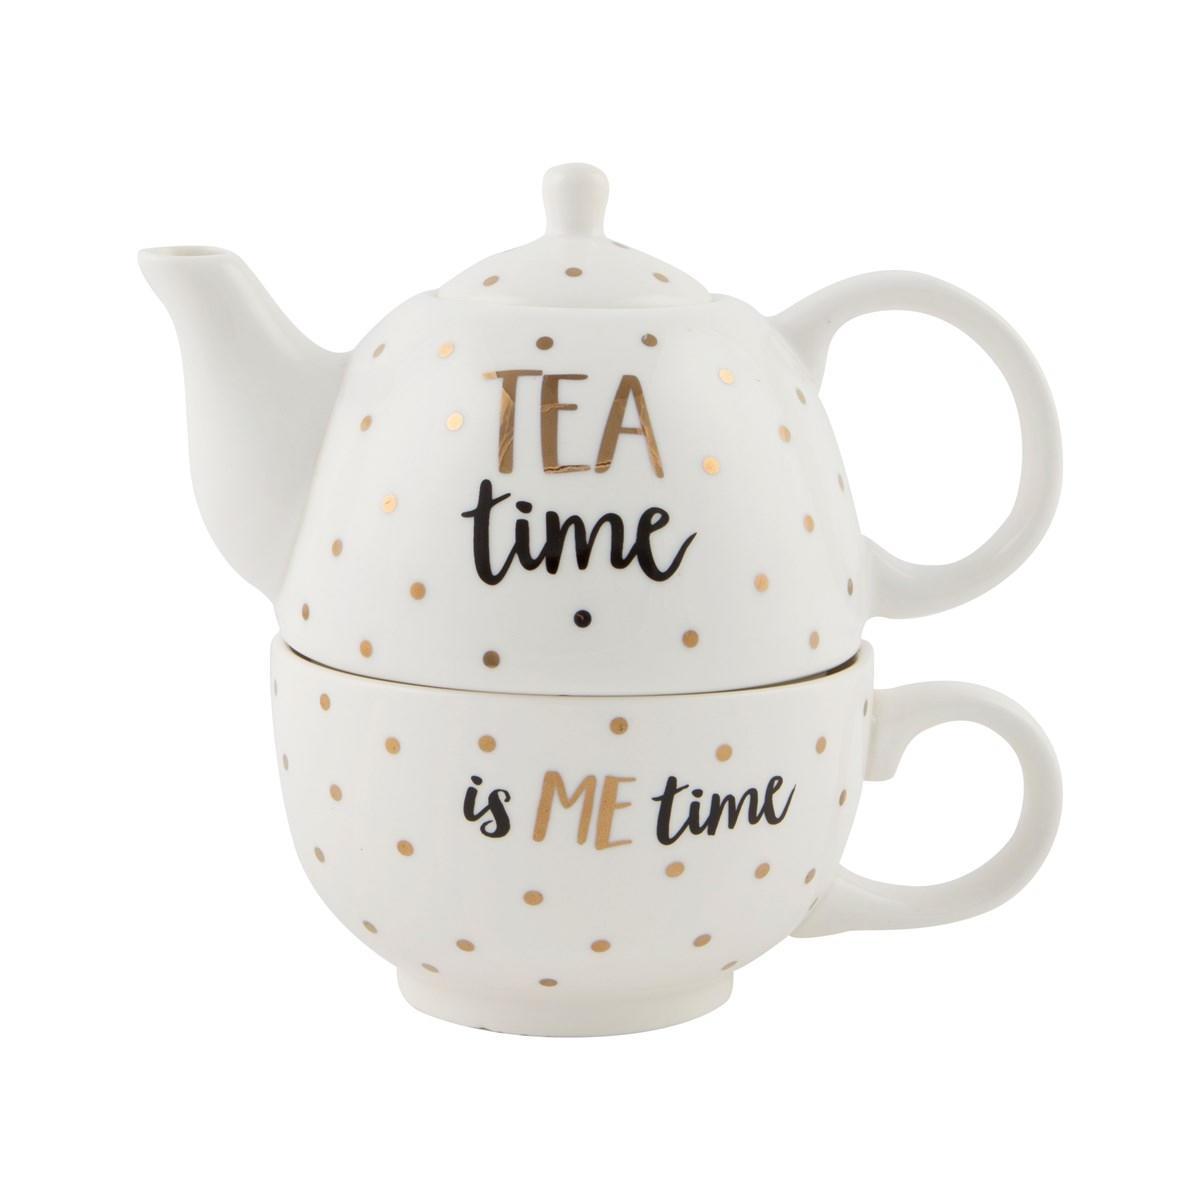 sass & belle Čajová konvička s hrnečkem Tea time, bílá barva, zlatá barva, keramika 300 ml